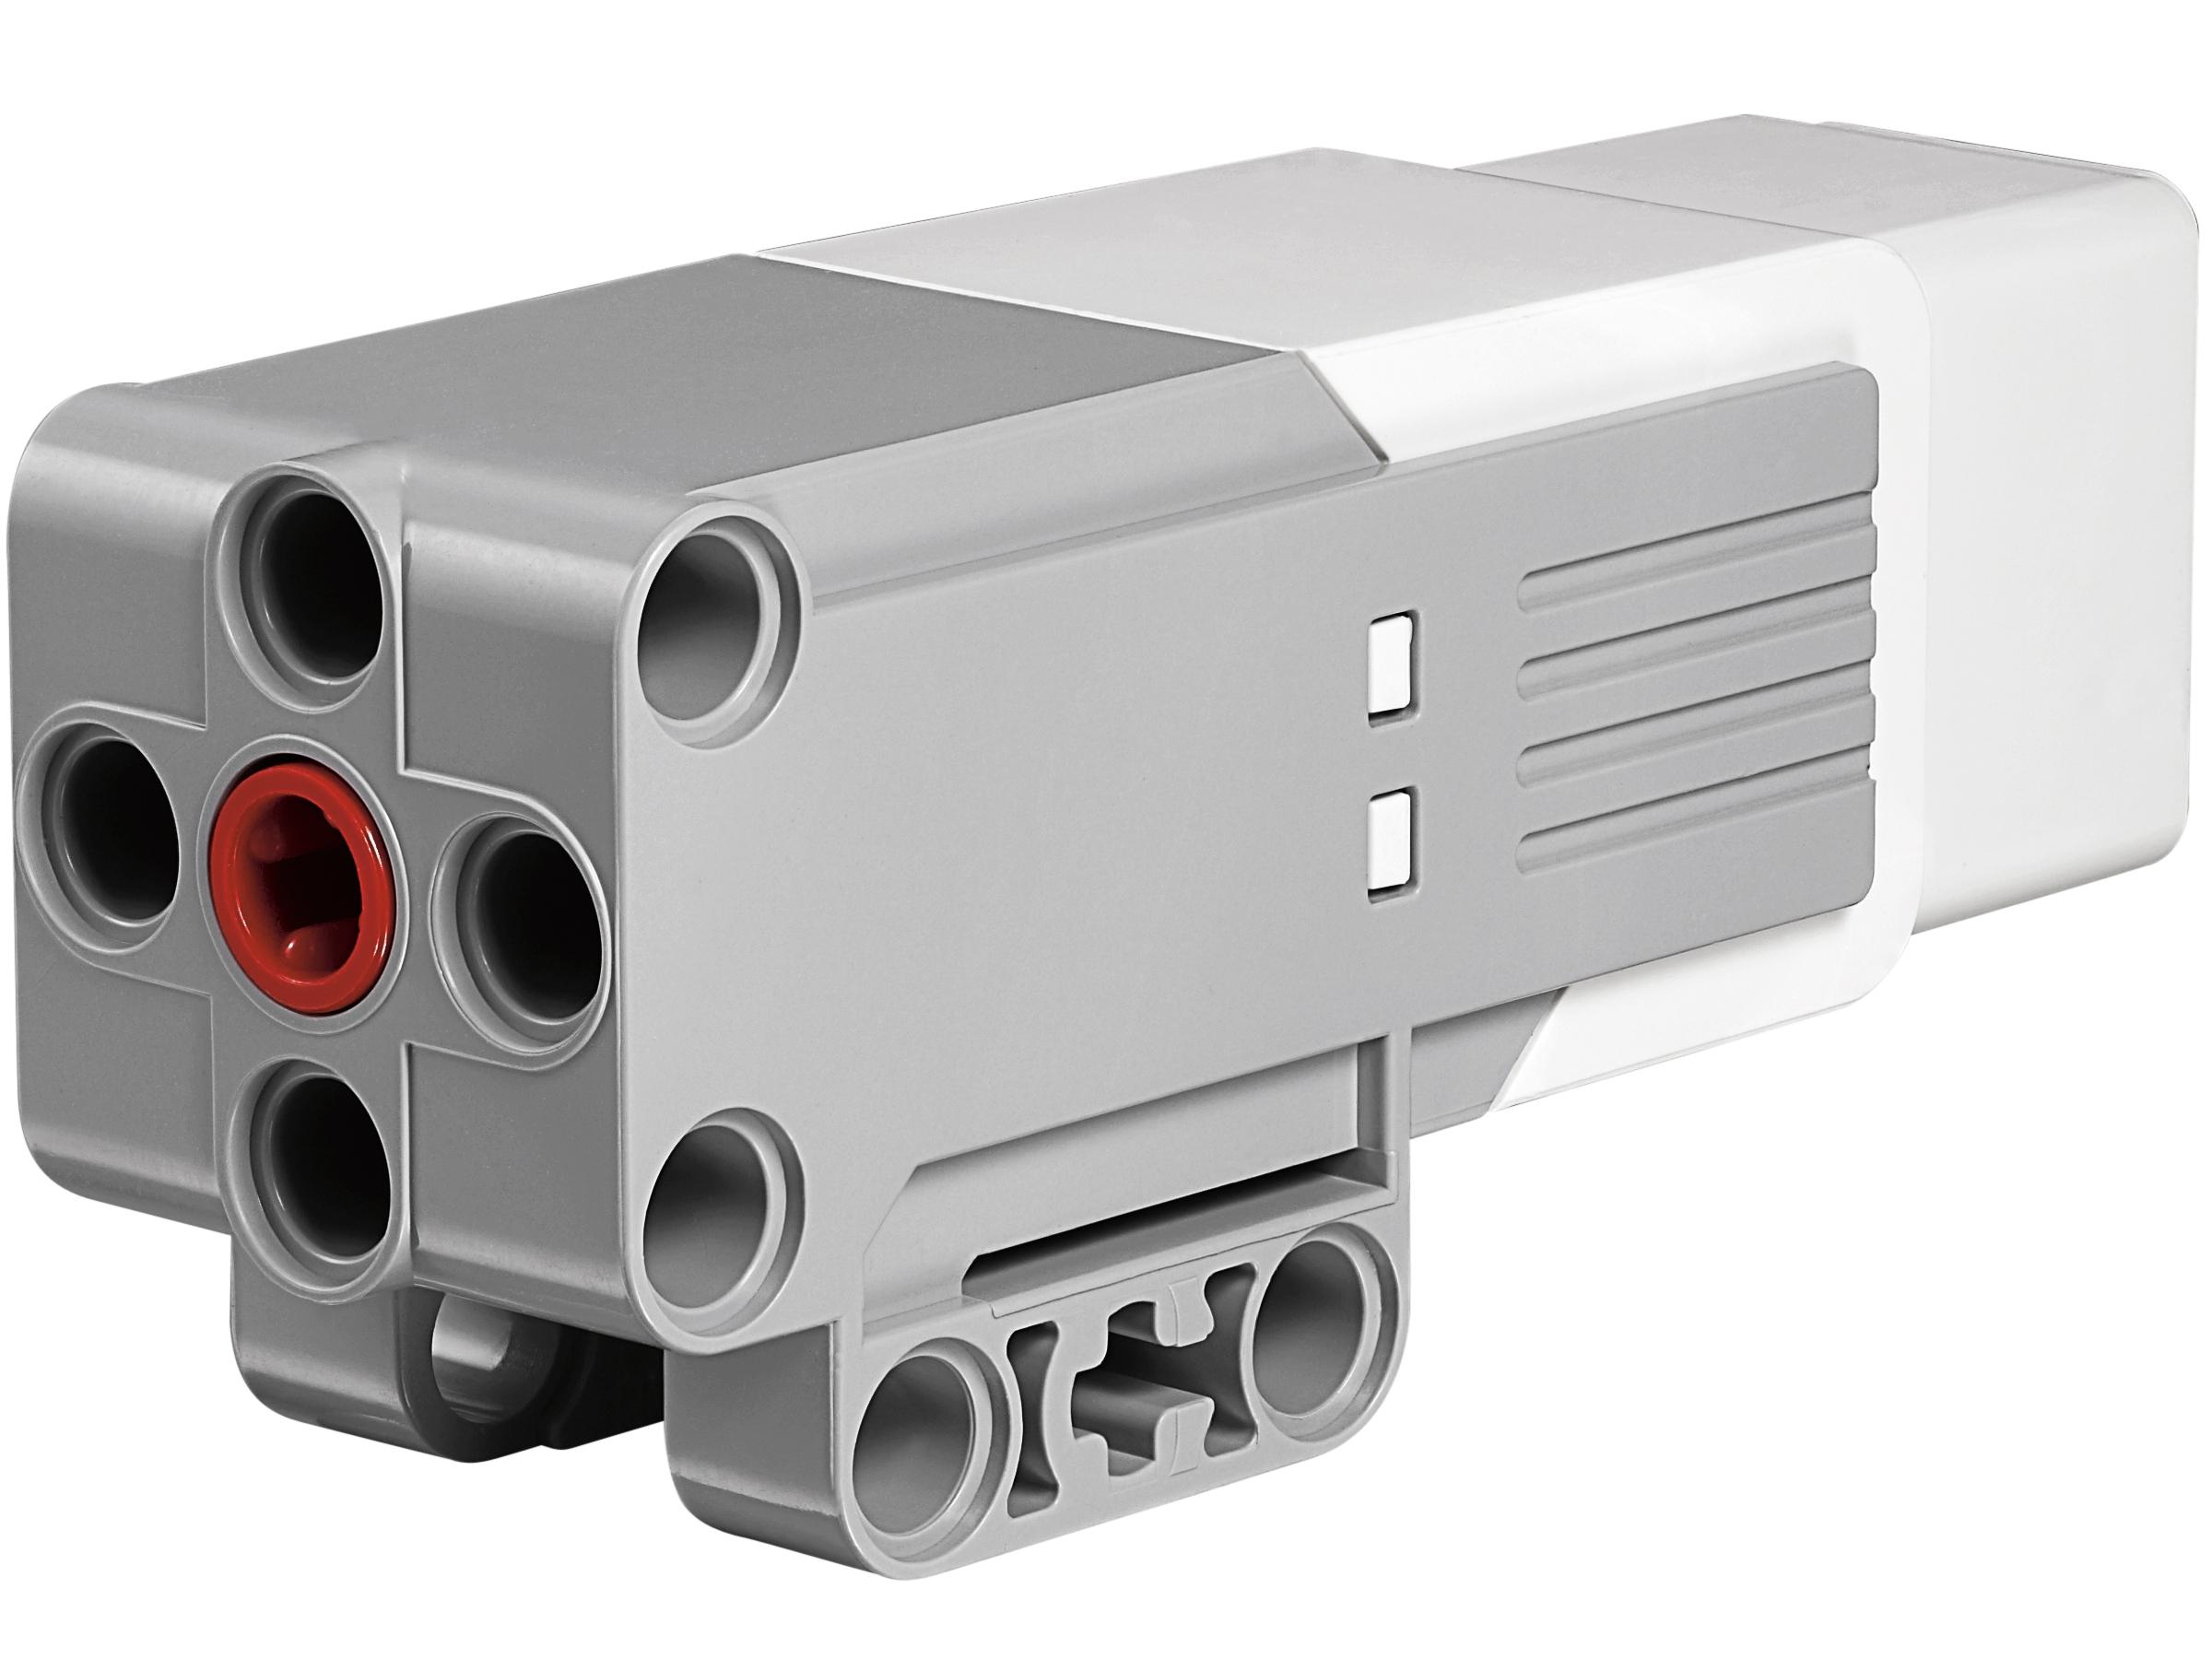 LEGO MINDSTORMS 45503 EV3 Medelstor servomotor